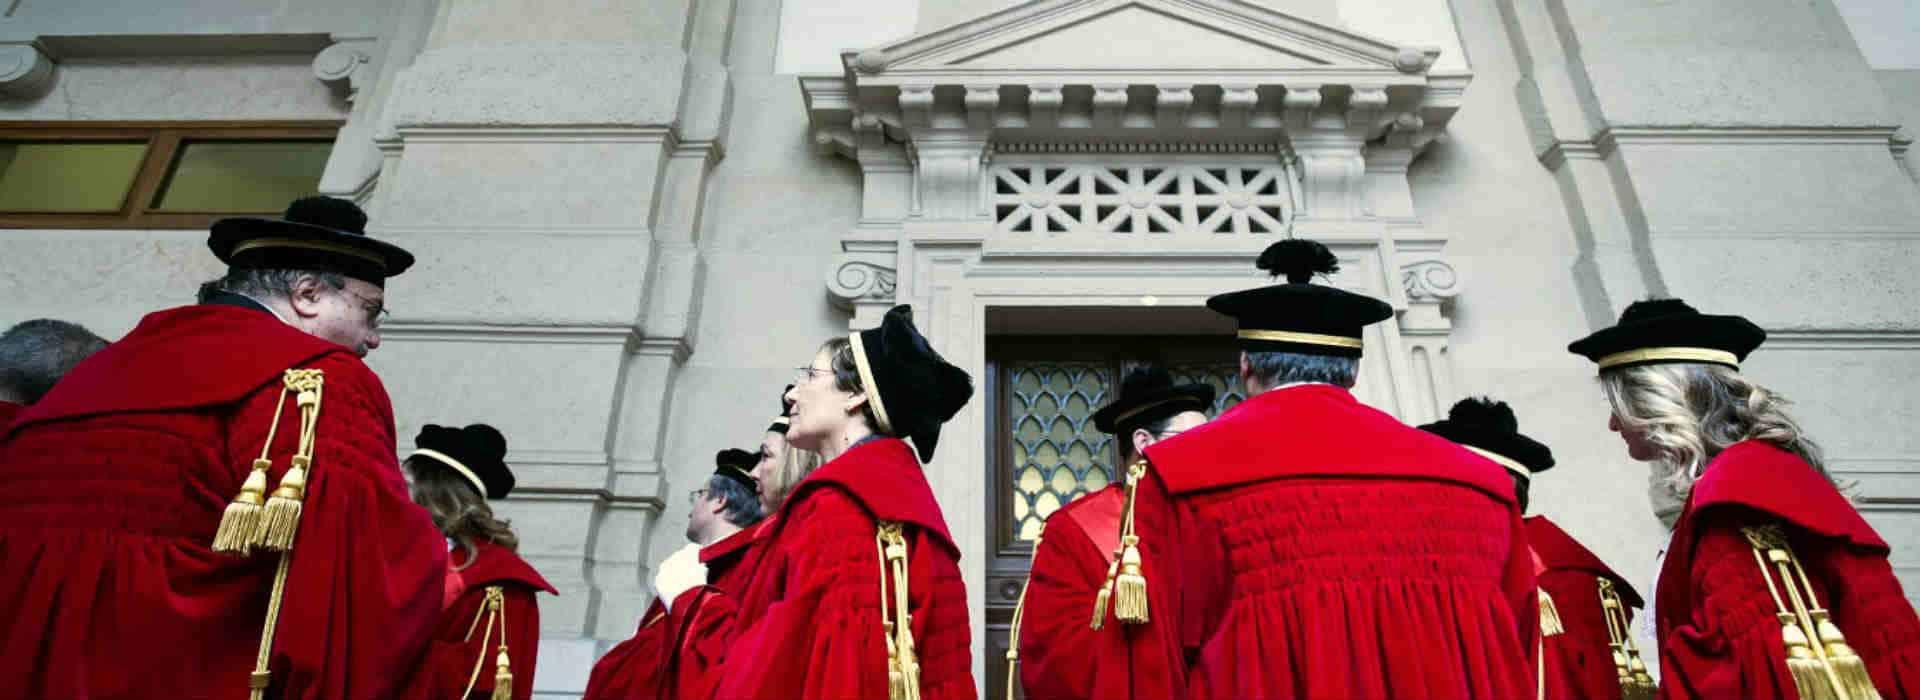 Magistrati: politica e giustizia